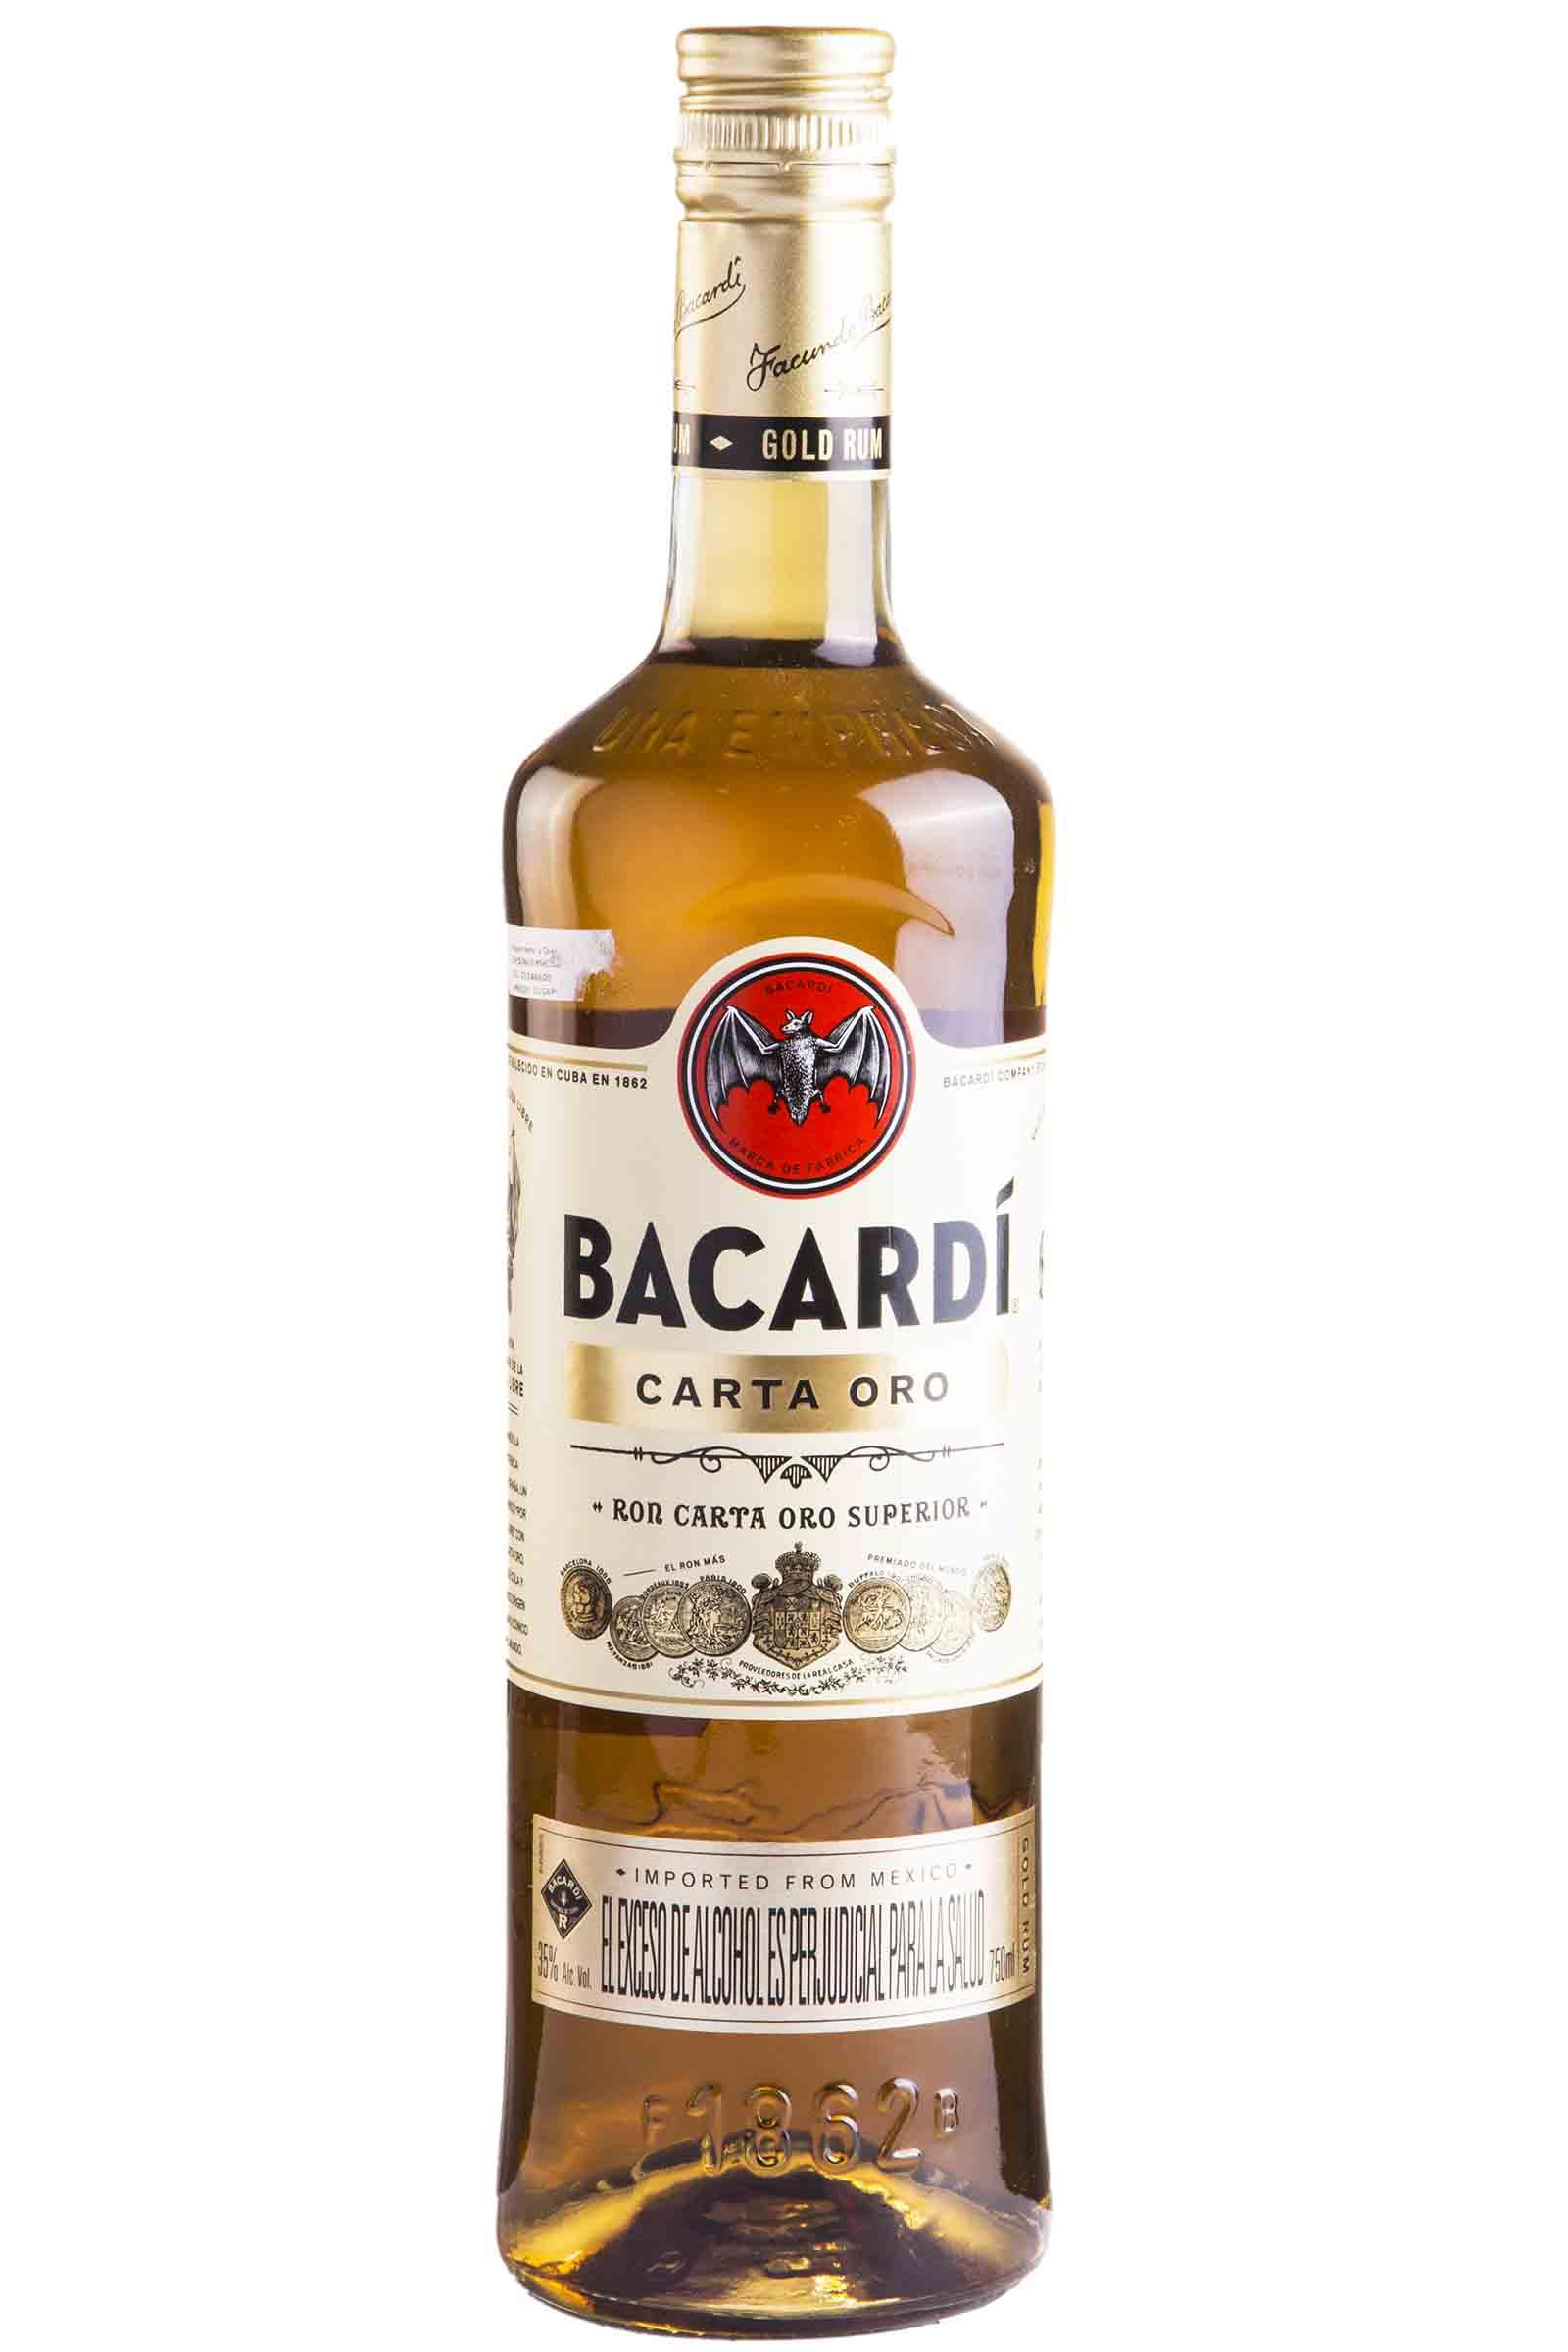 Ron Bacardi Carta Oro 750ml